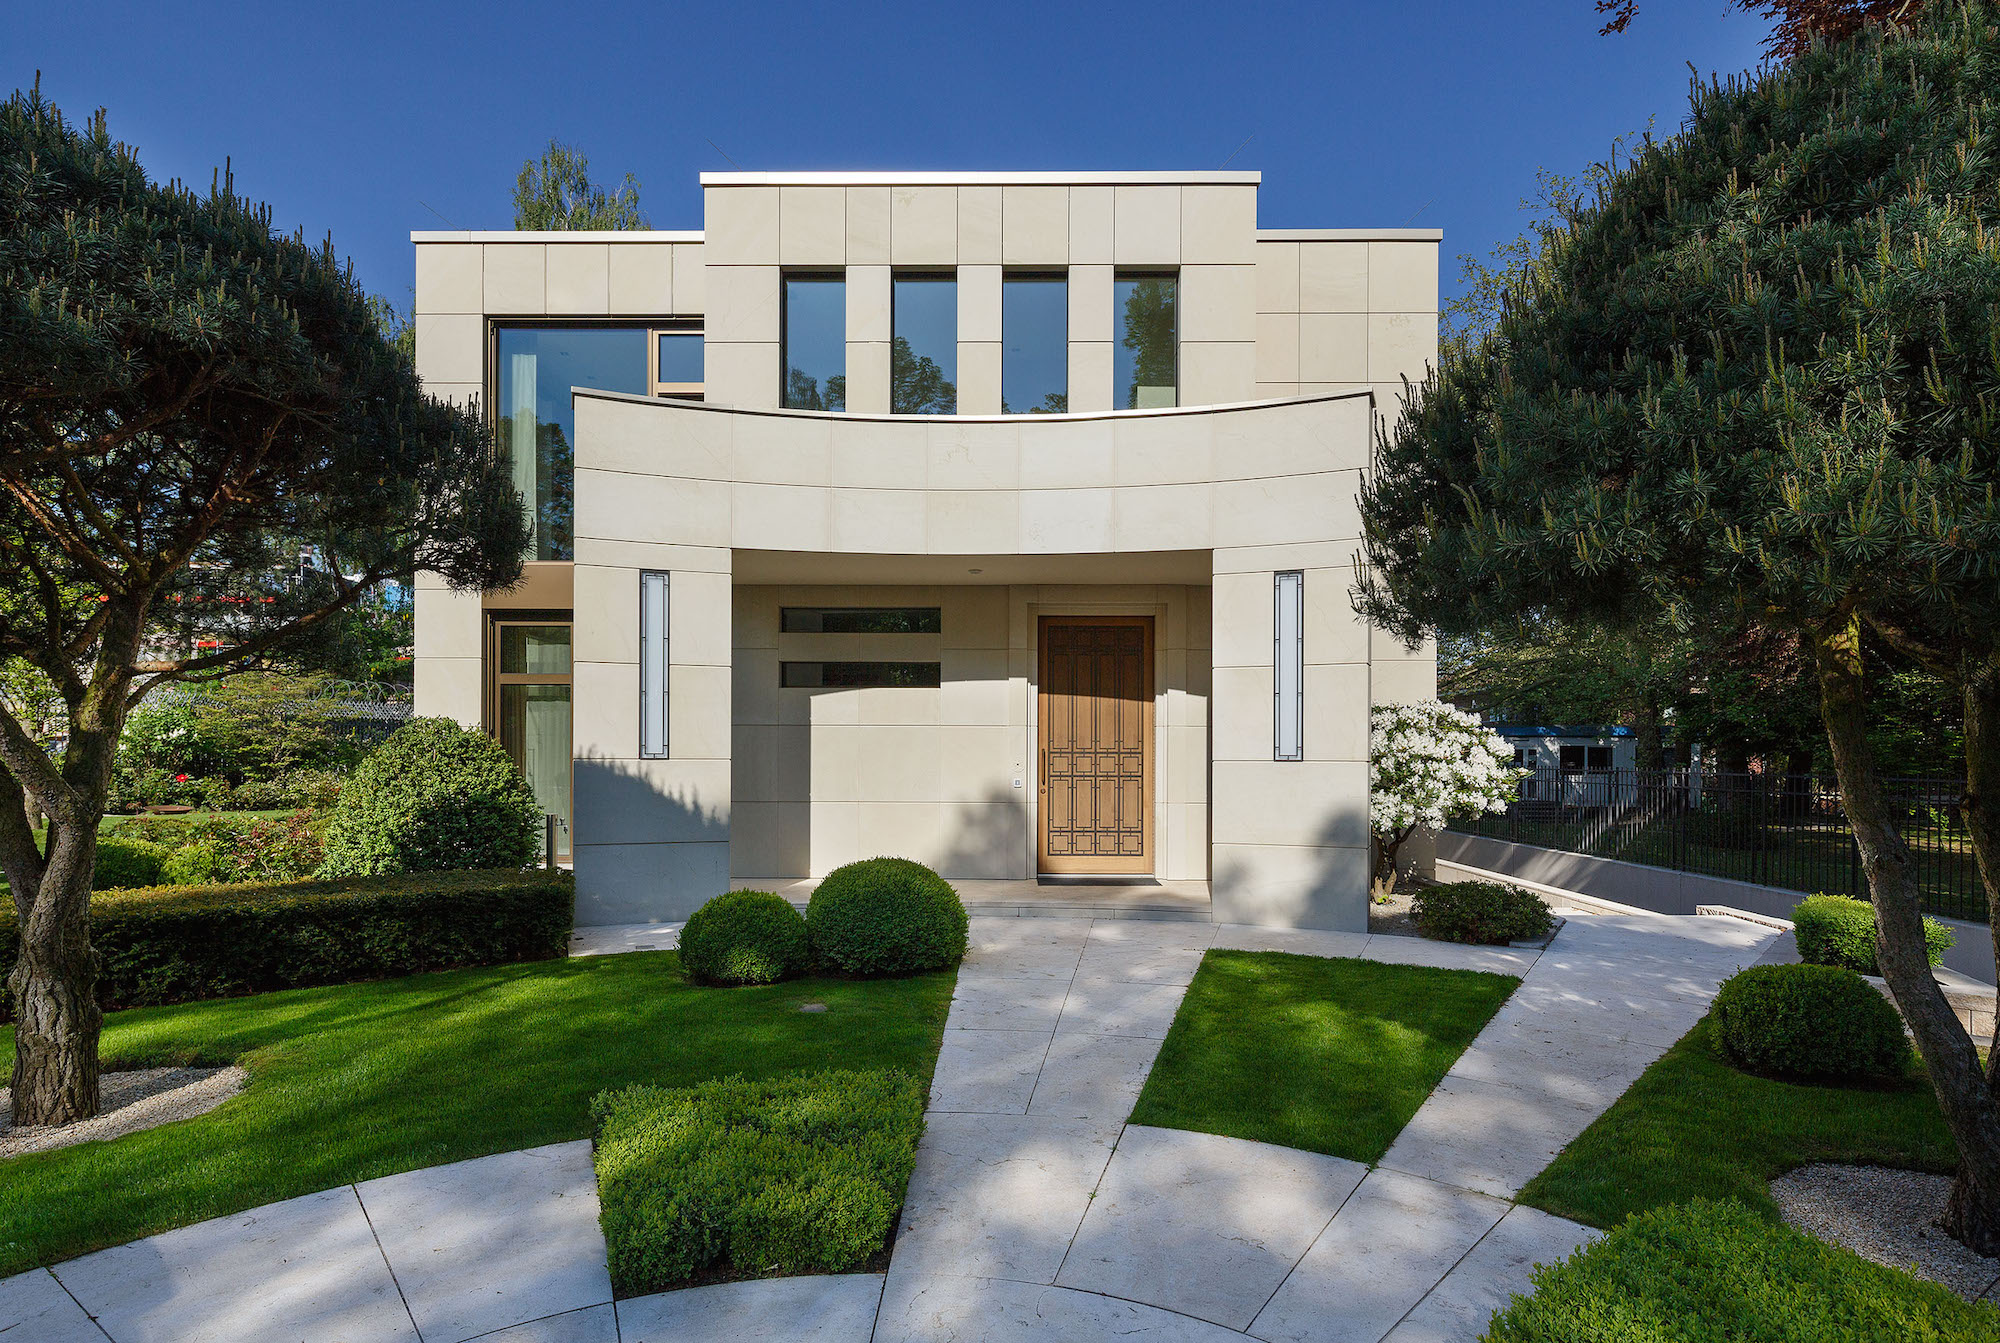 marlies timm architektur architektur interior design gardening. Black Bedroom Furniture Sets. Home Design Ideas